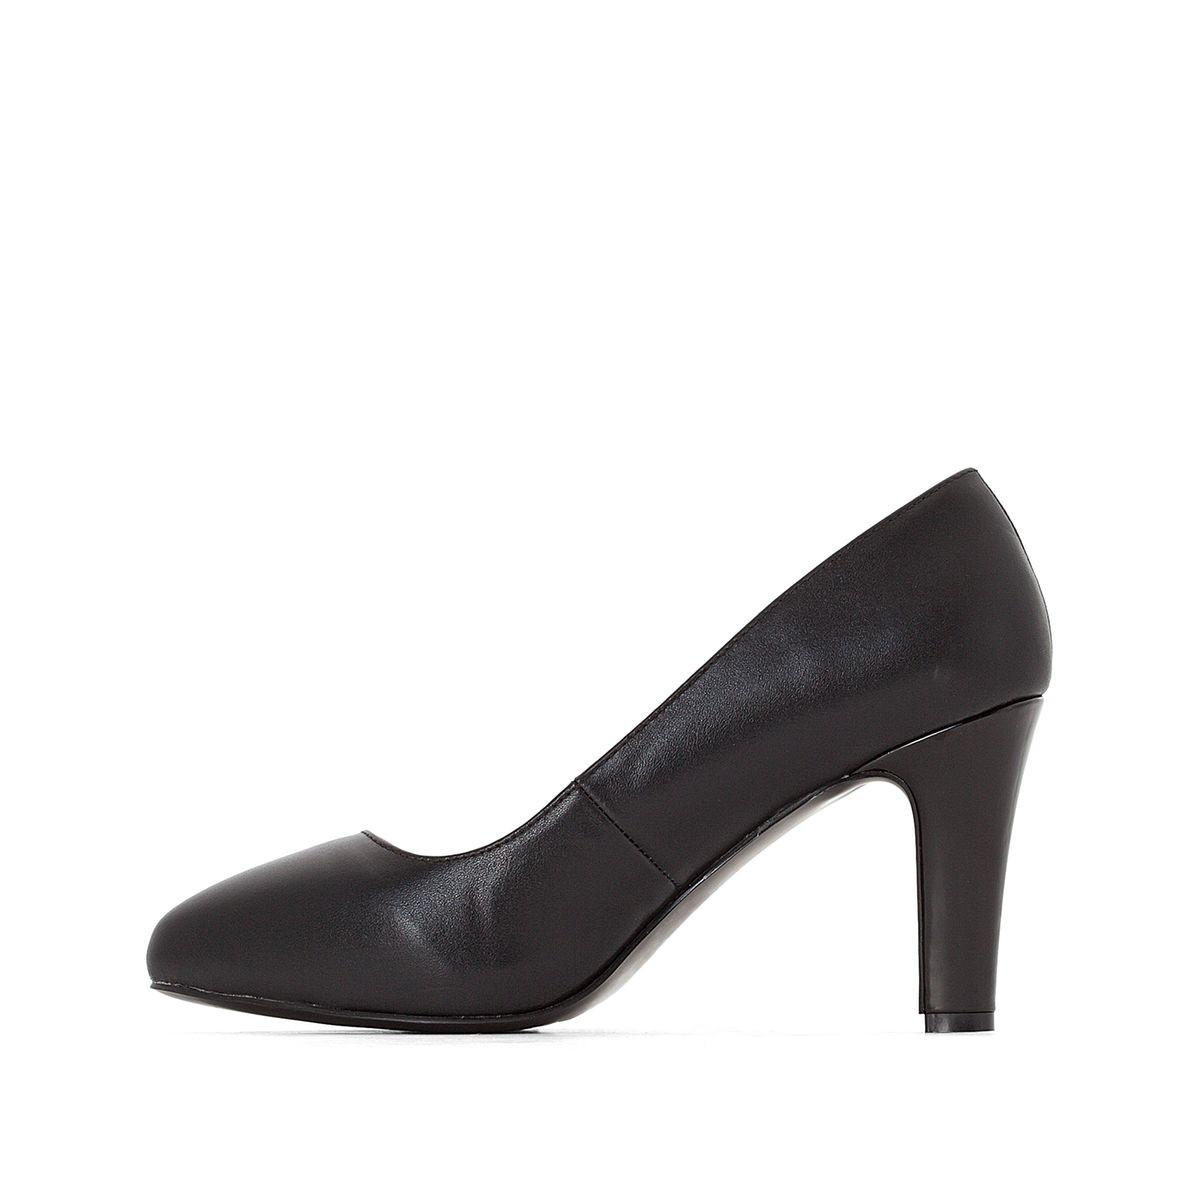 chaussure acheter pas cher mieux aimé Escarpin cuir plateforme pied large 38-45 | Products ...